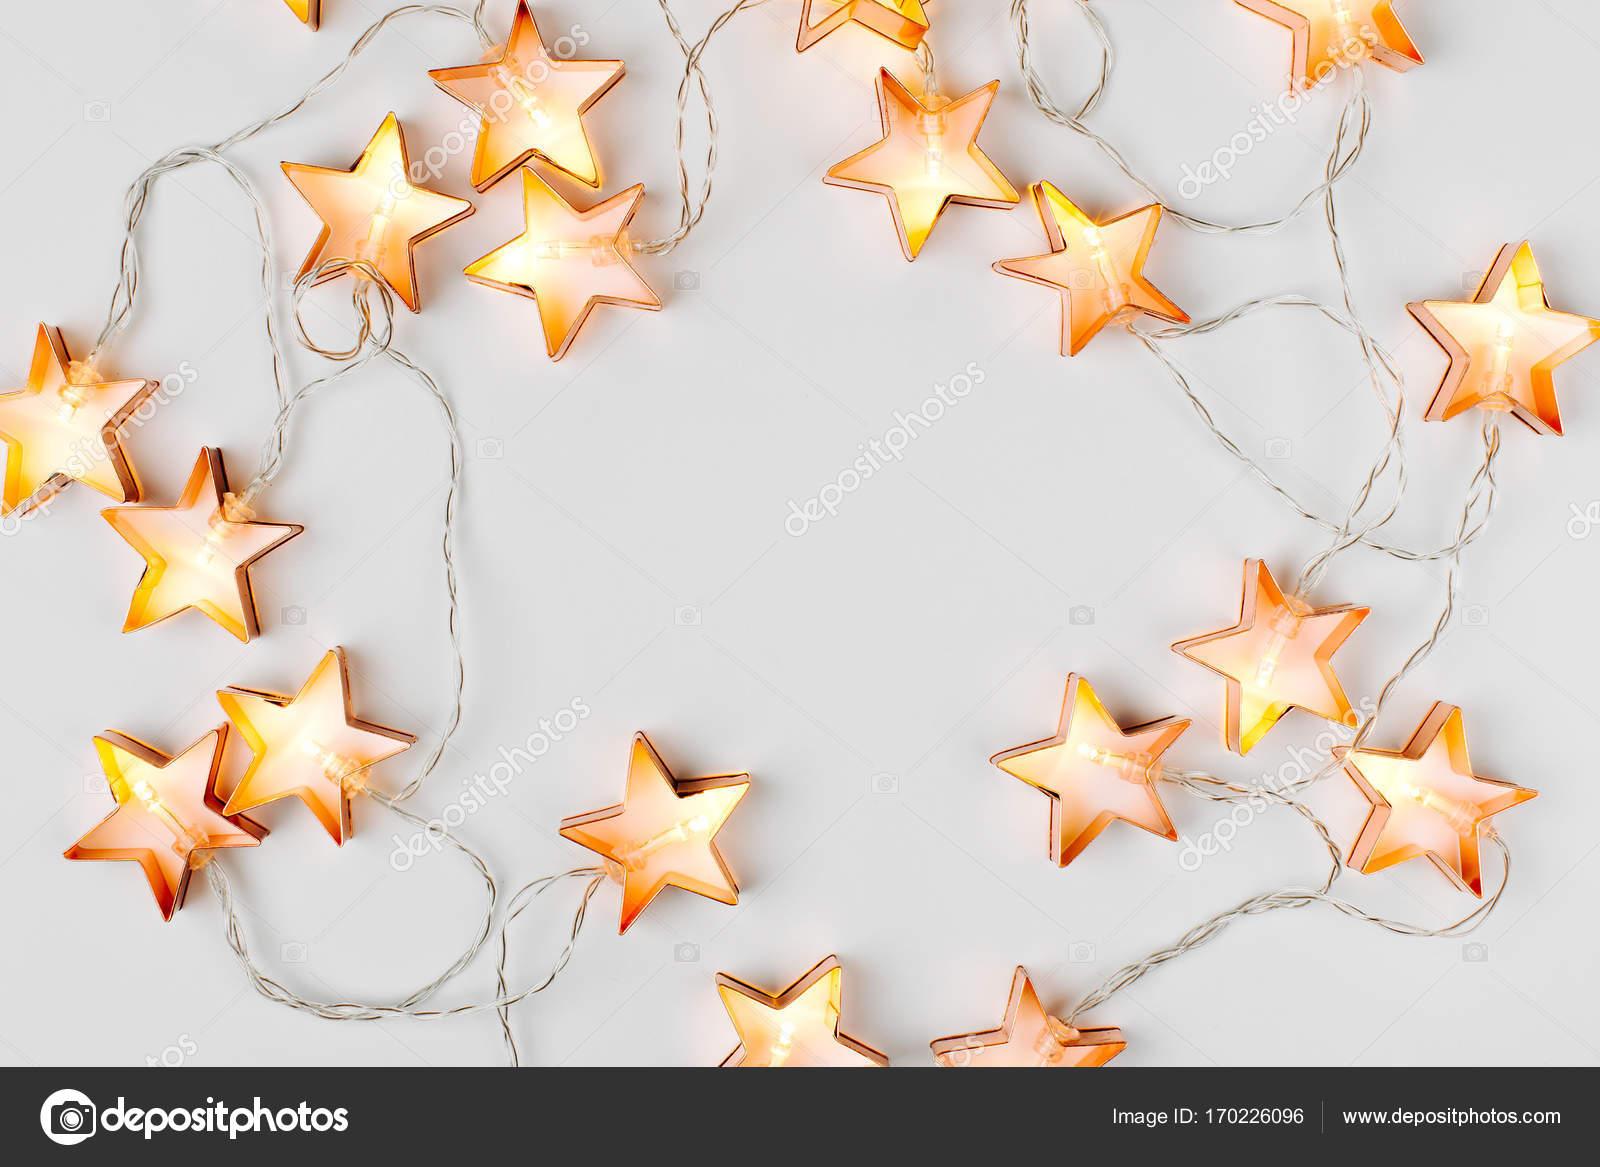 Ster verlichting decoratie — Stockfoto © Igishevamaria #170226096